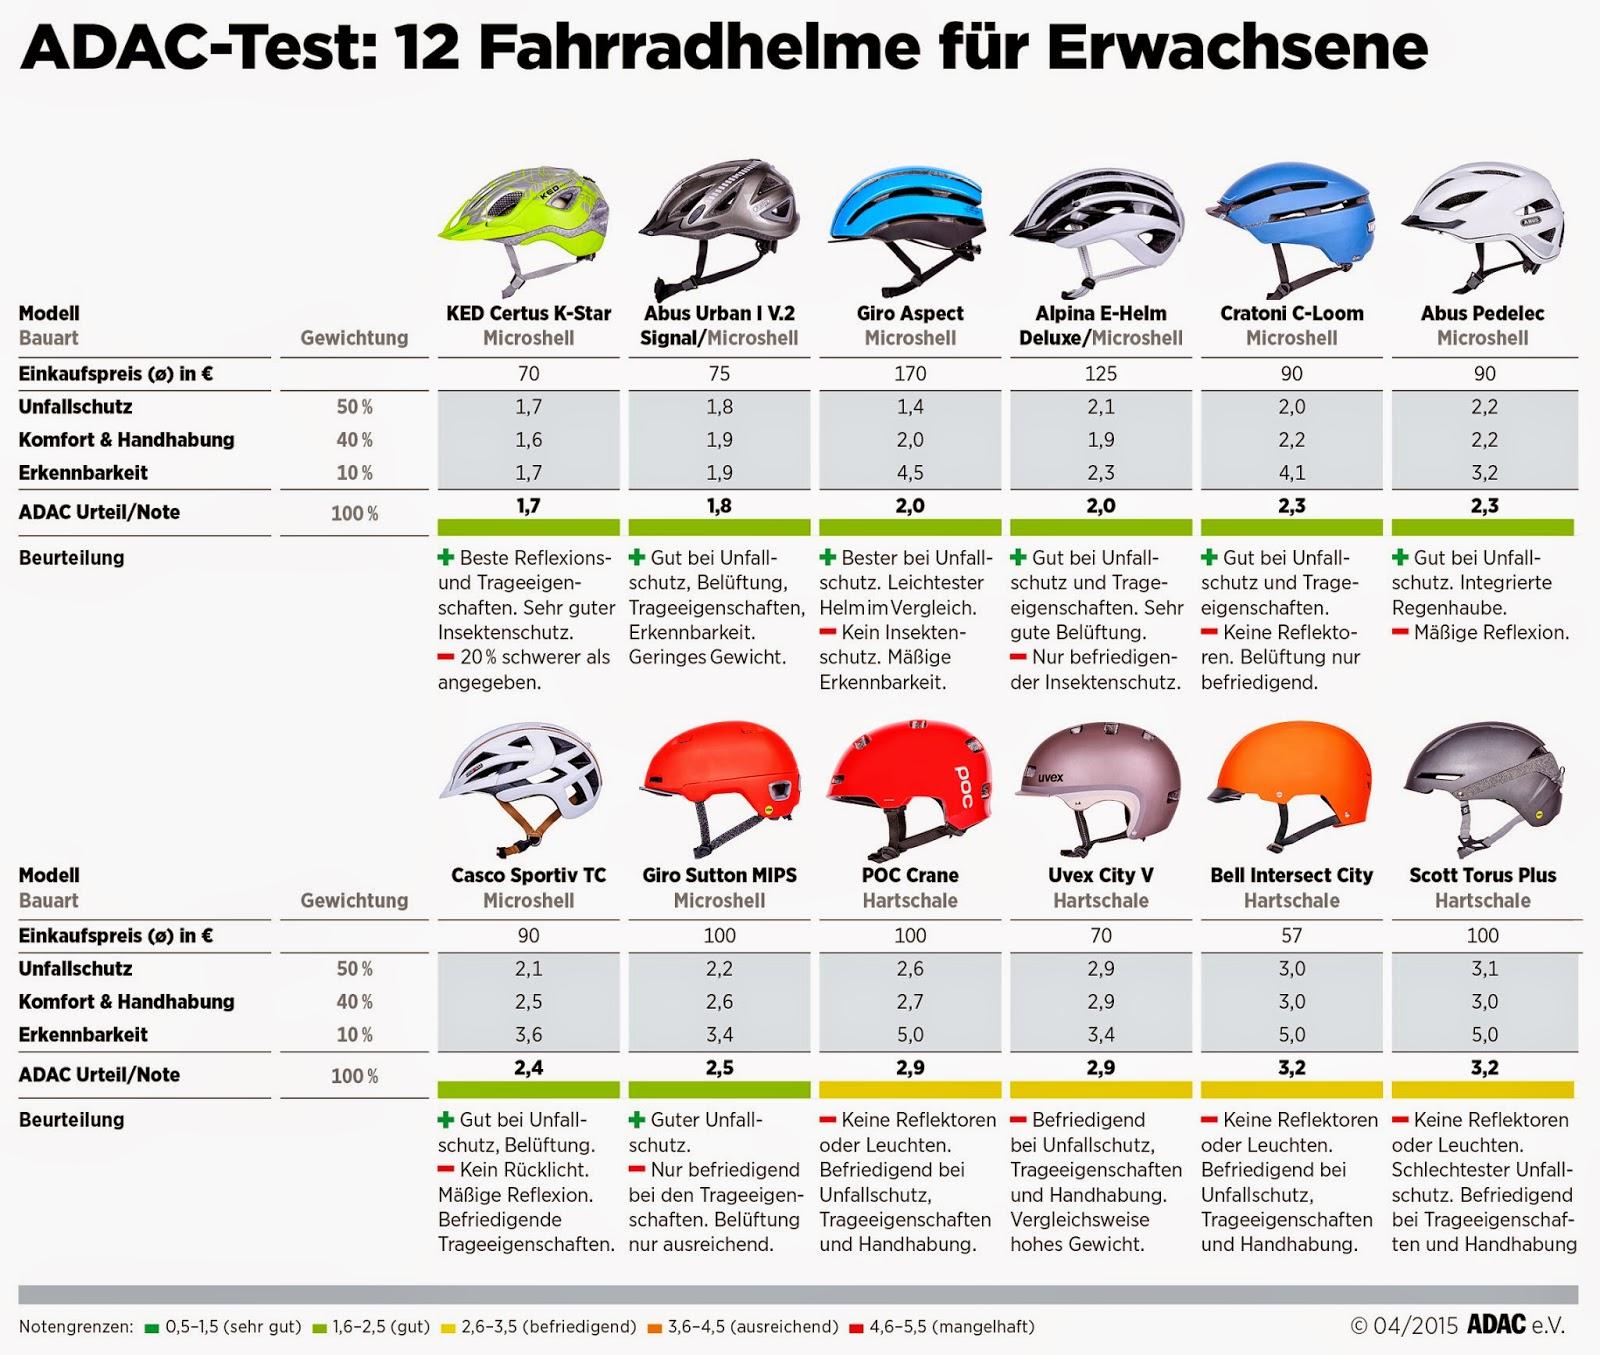 Der ADAC empfiehlt Radfahrern immer einen Helm zu tragen Vor dem Kauf sollte ser stets anprobiert werden Nach einem Sturz muss der Helm unbedingt